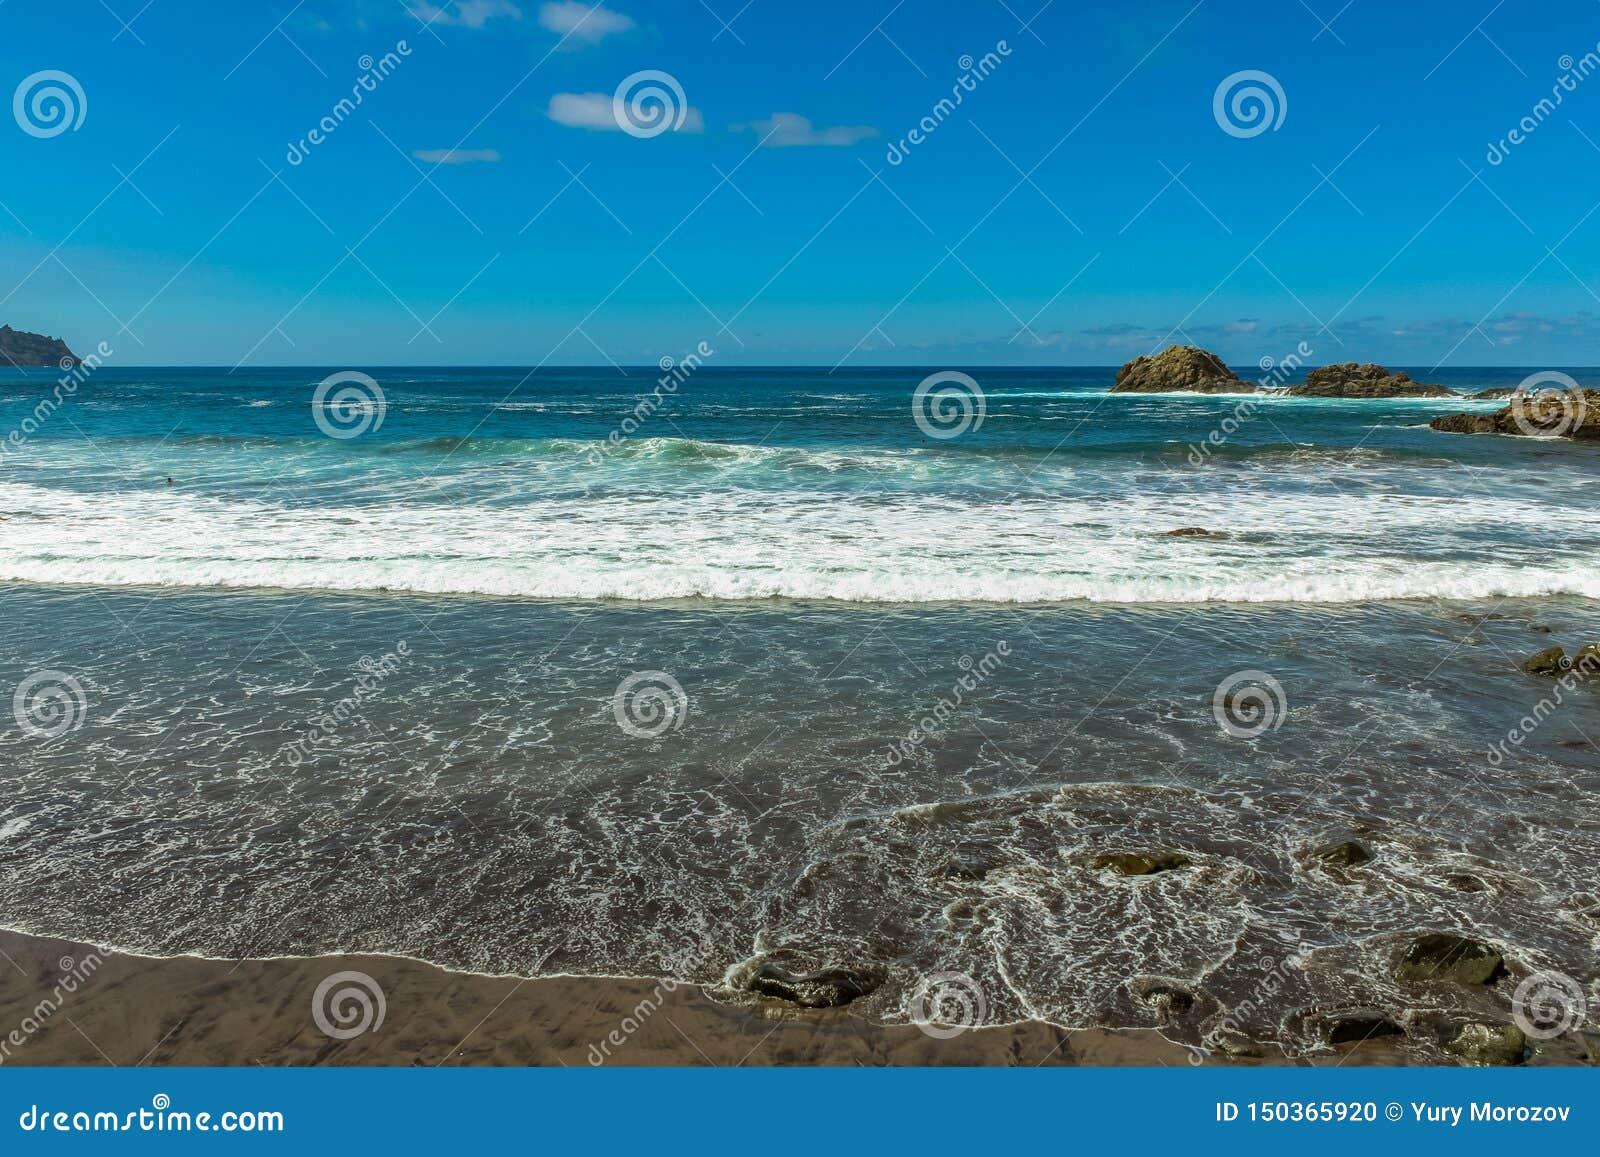 Panoramautsikten av den Aimasiga stranden med vulkanisk svart sand och ensamt vaggar att klibba ut ur havsskumet på norrkusten av